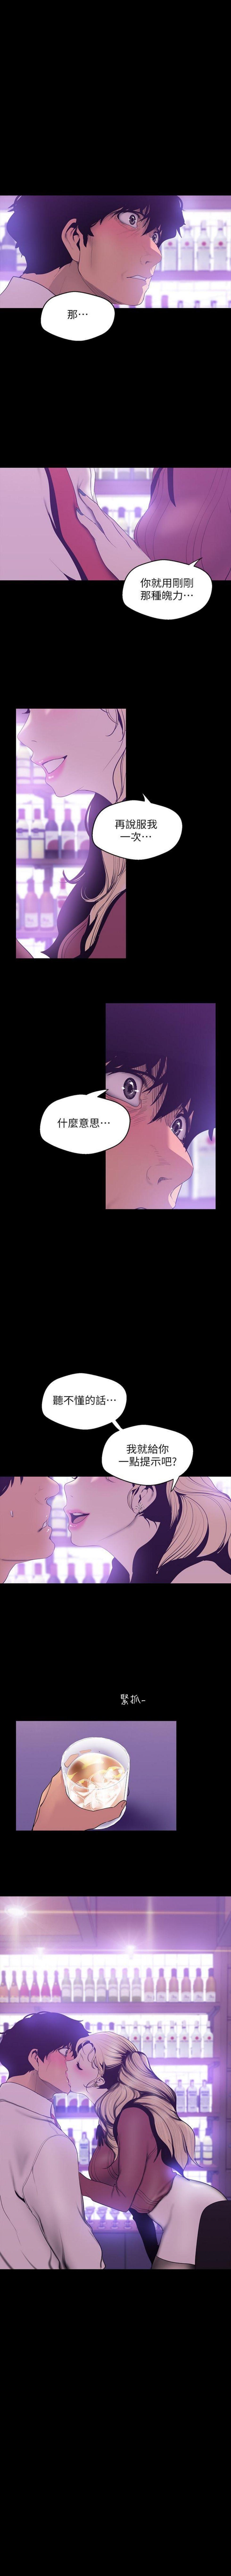 美麗新世界 1-85 官方中文(連載中) 544